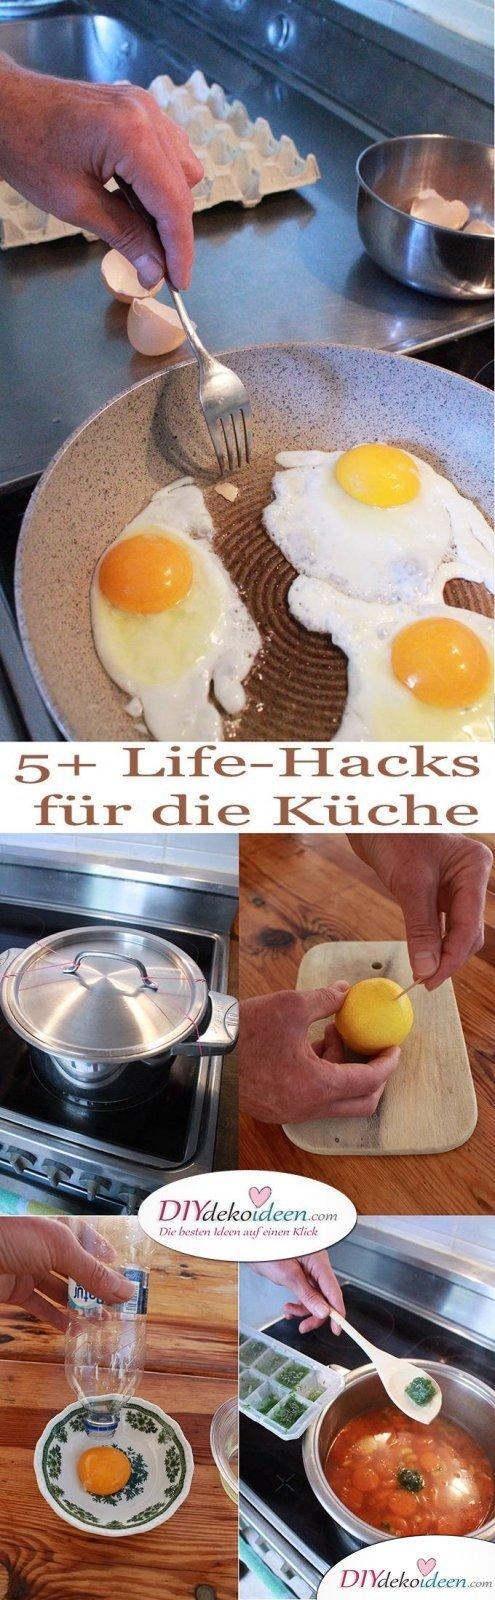 5+ weitere super DIY Haushaltstipps und Life-Hacks für die Küche.